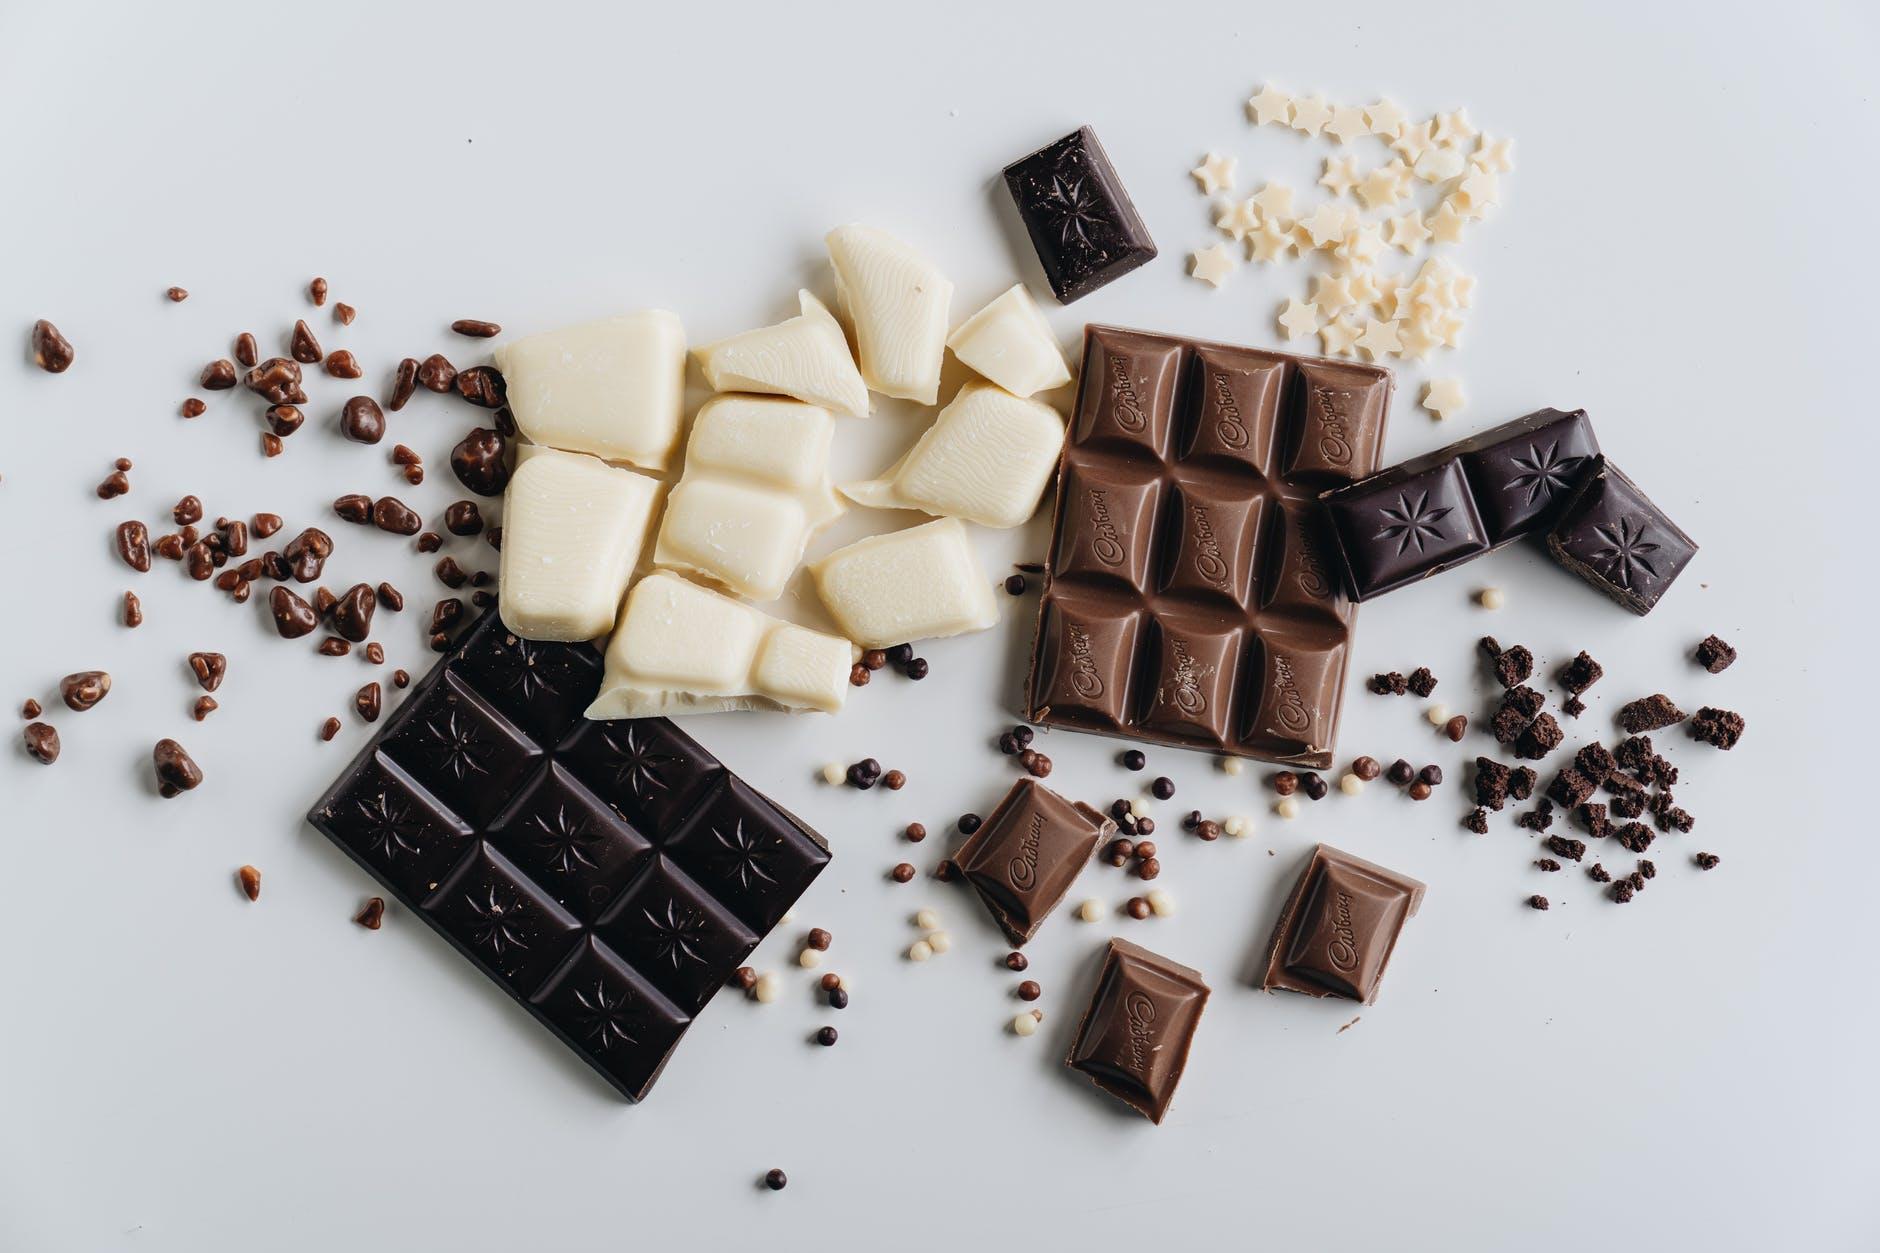 Pecinta Cokelat Wajib Tahu, 10 Jenis Cokelat di Dunia